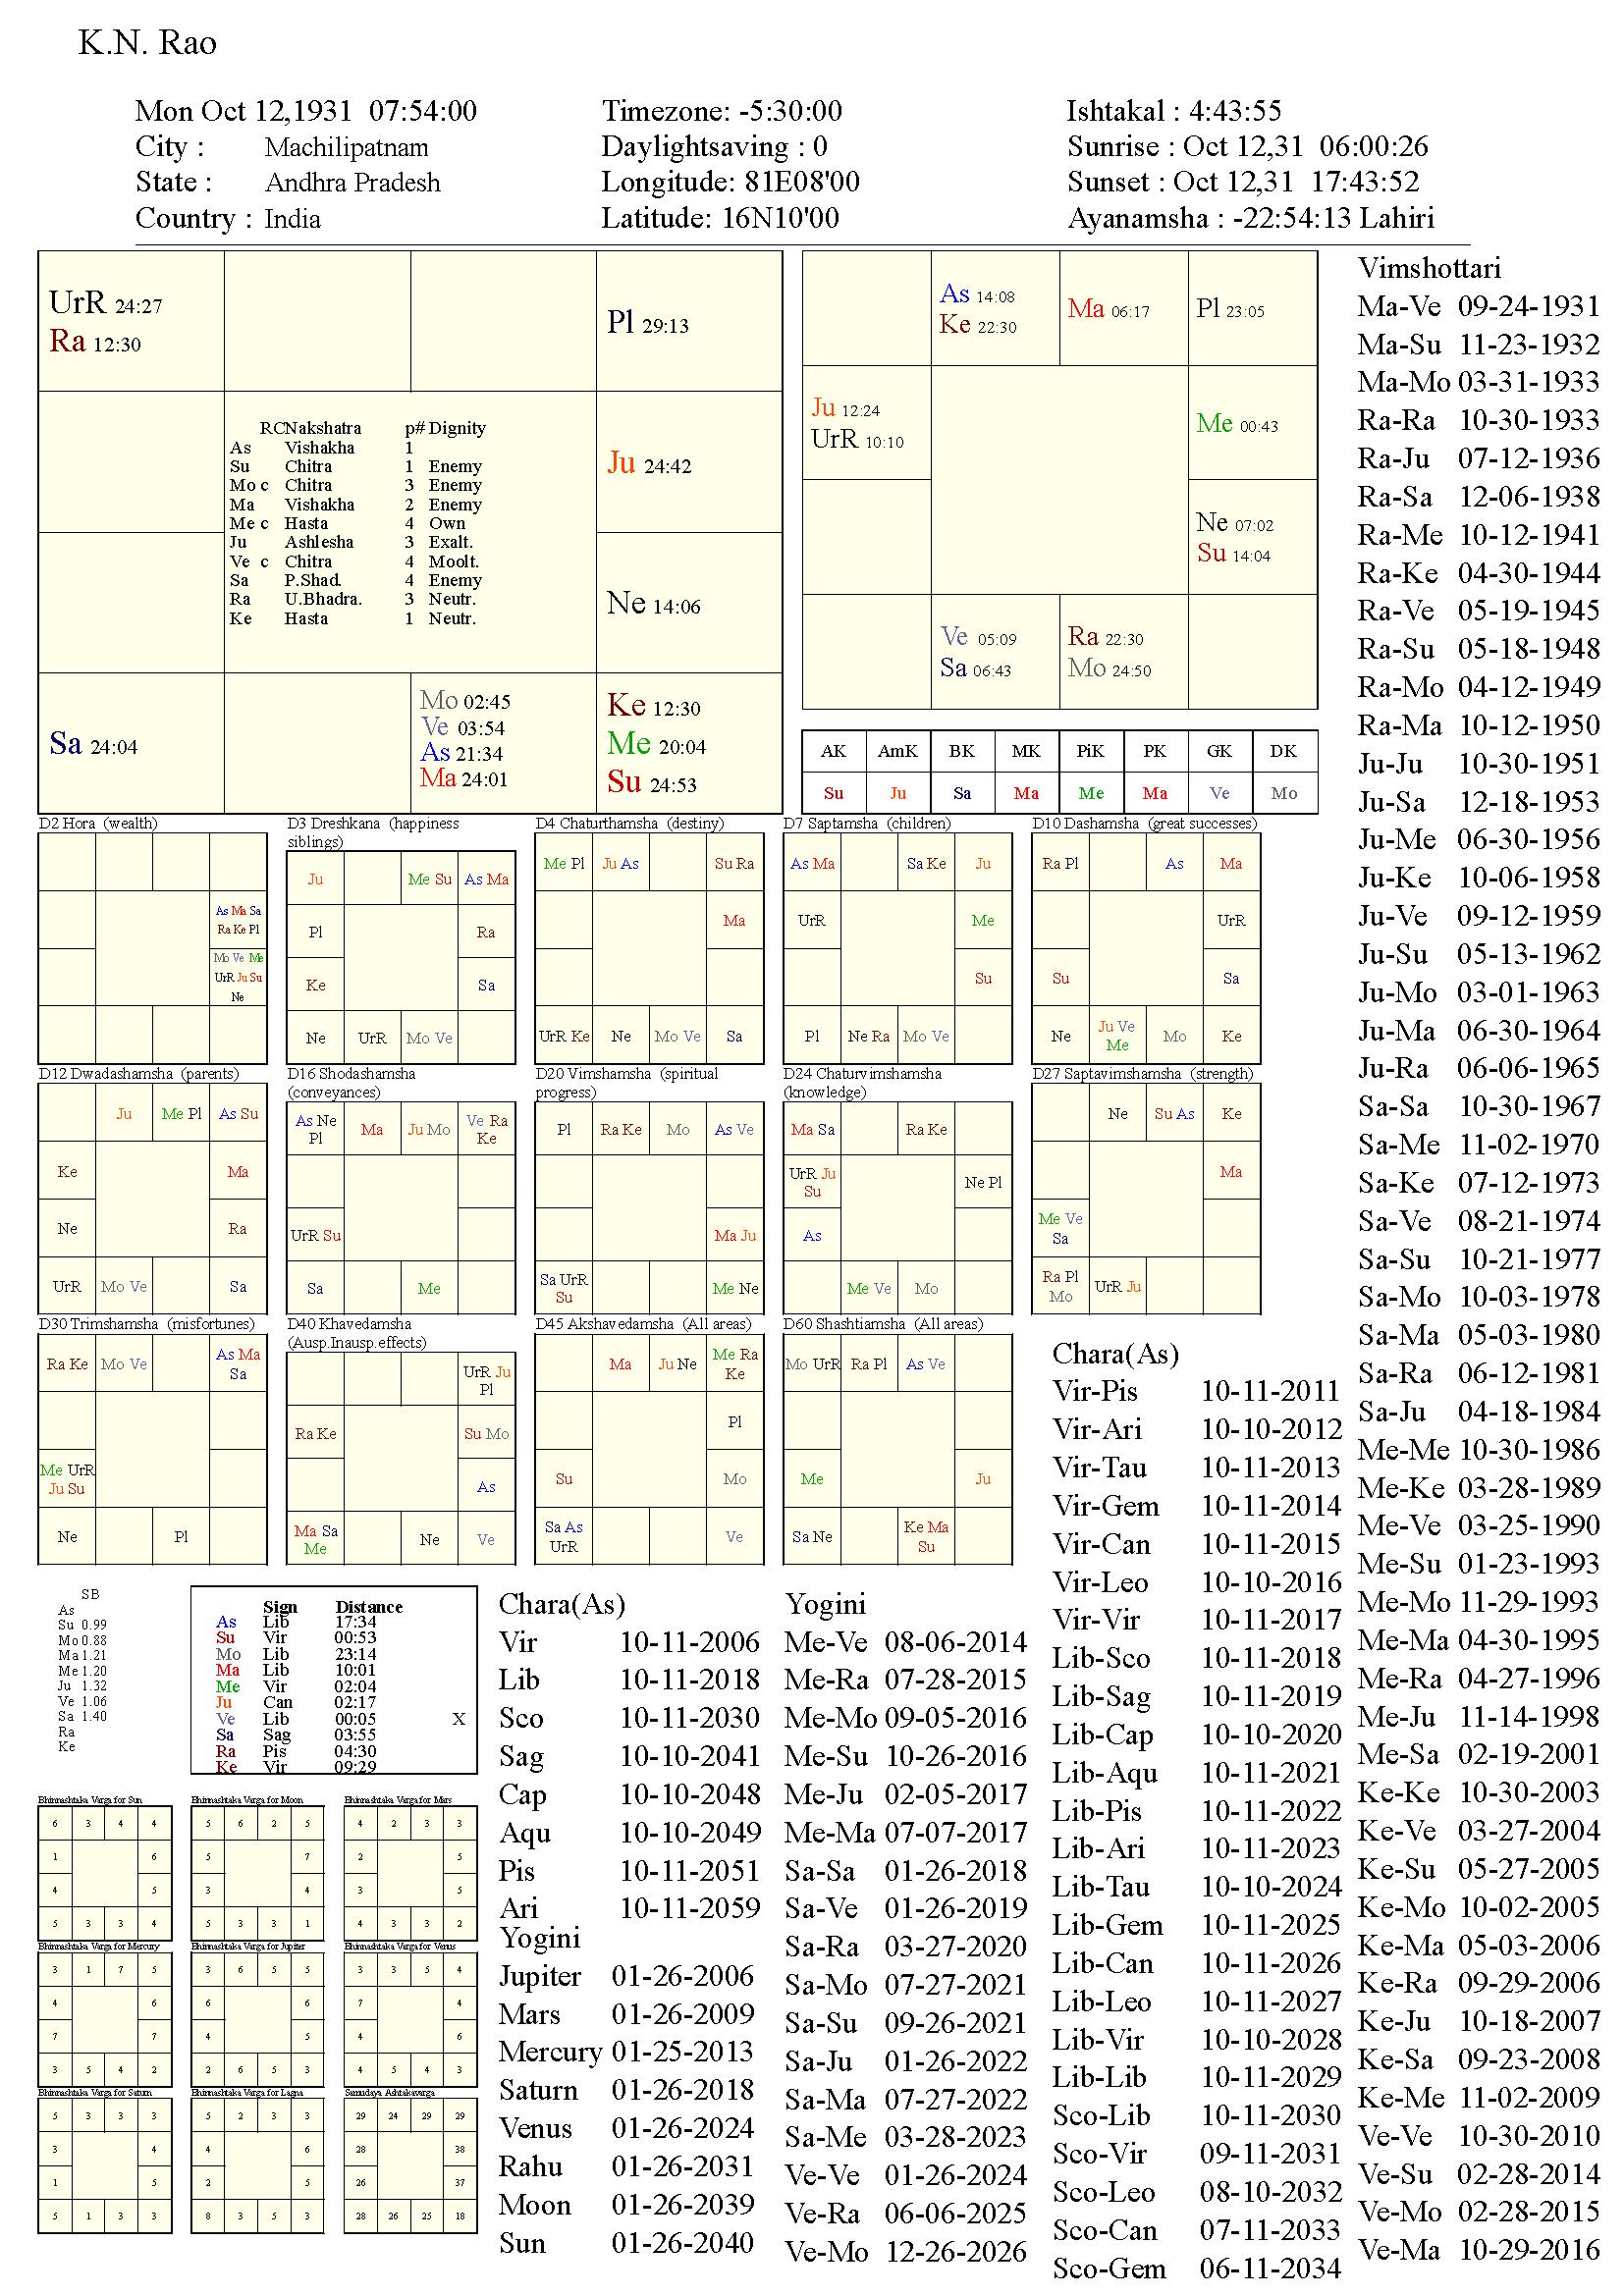 K.N.Rao_chart